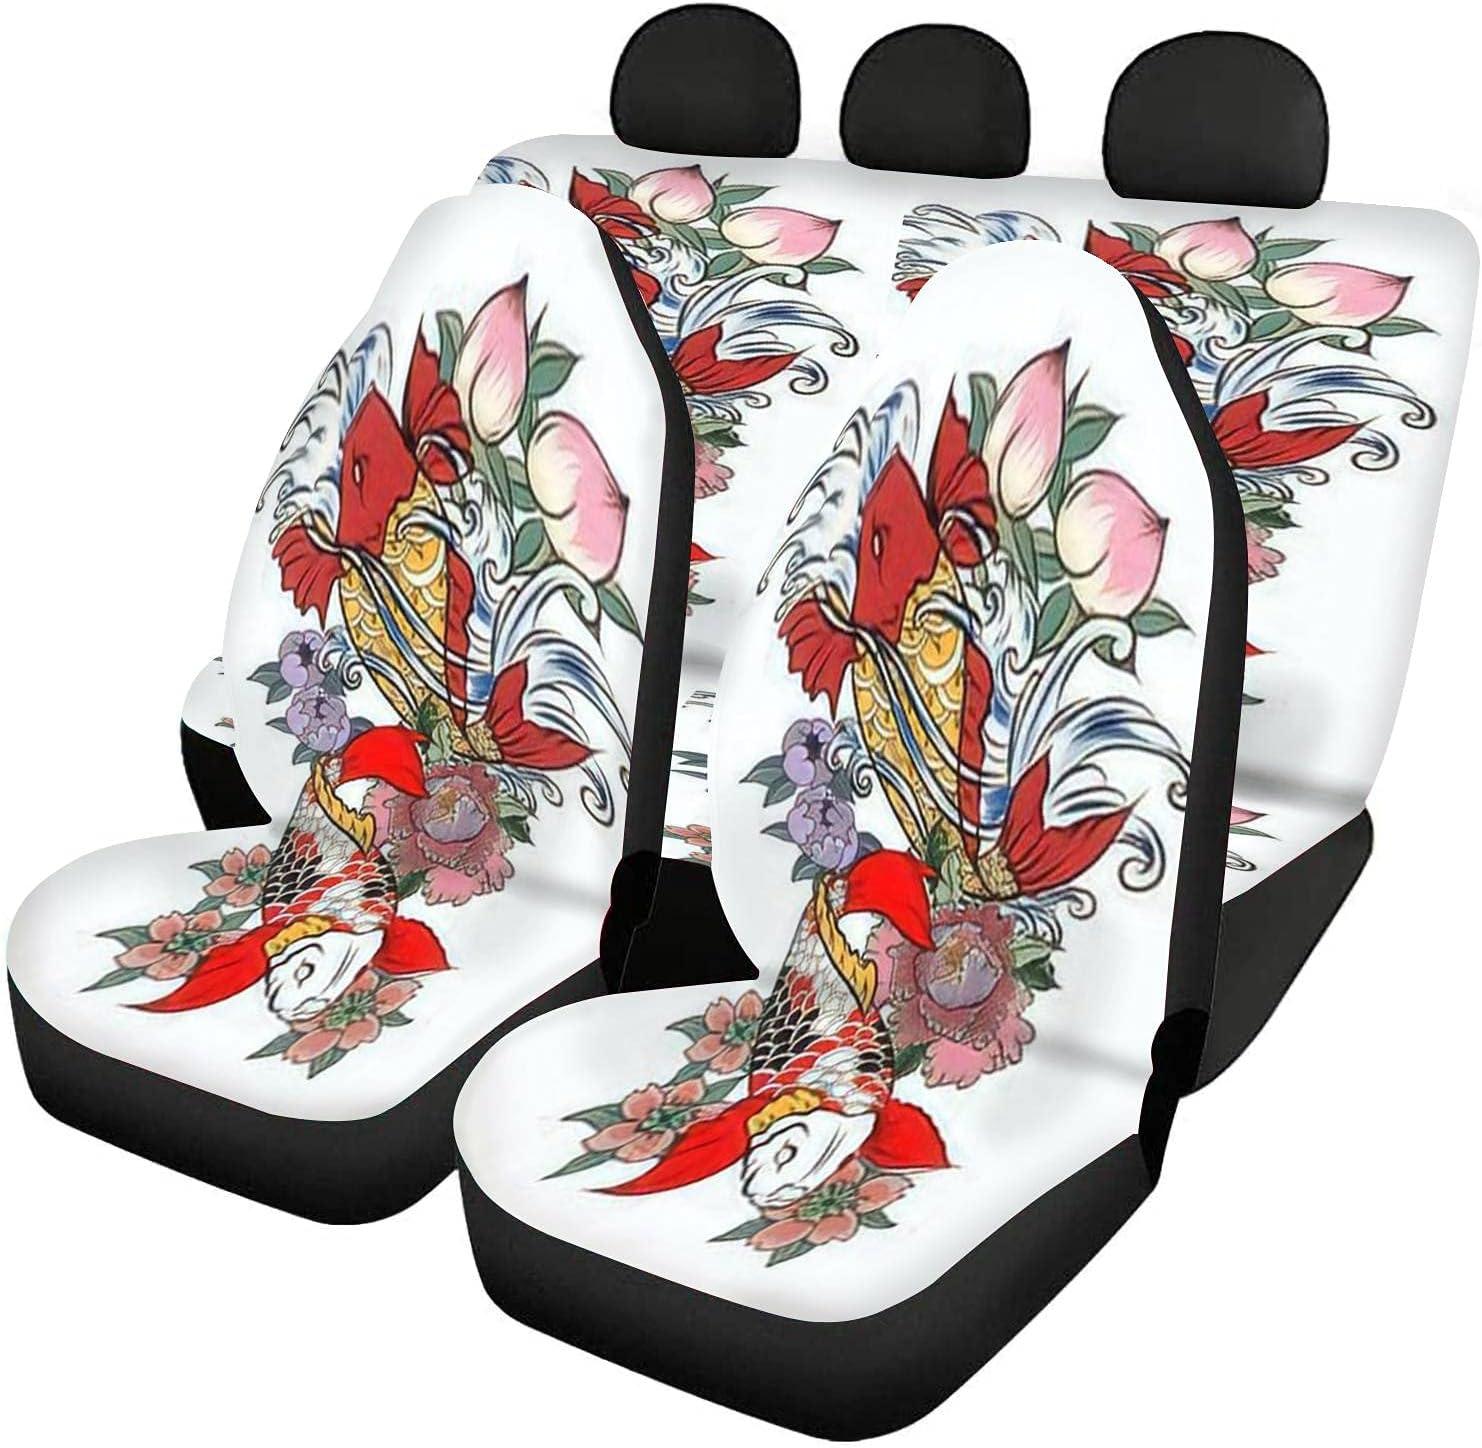 GDSJEGQM Car Seat Covers Full Trust Japanese Tattoo Set Minneapolis Mall - Design